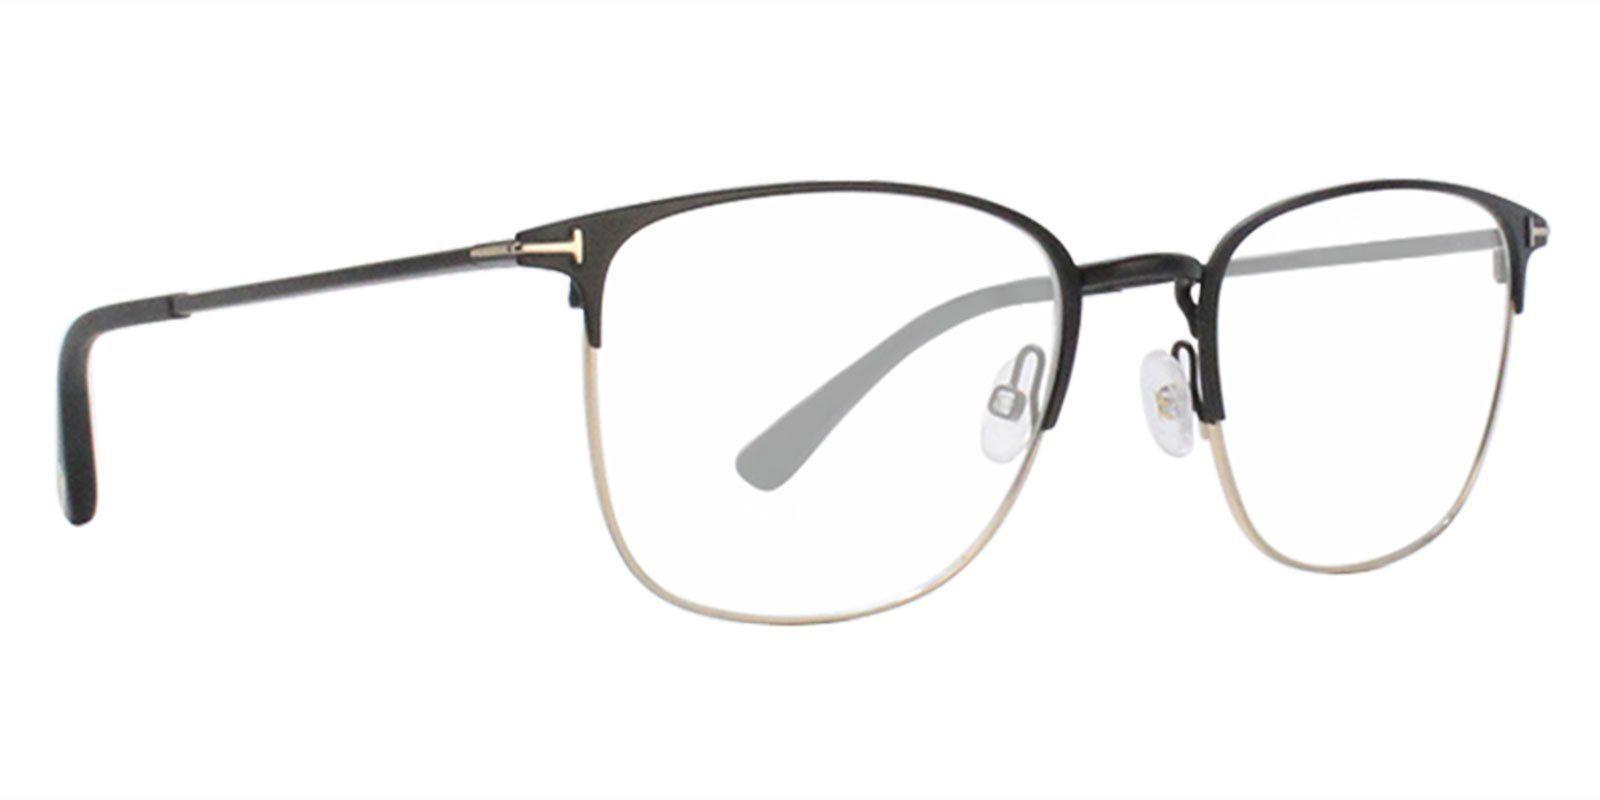 d3c52fcb5635 Tom Ford - FT5453 Black-eyeglasses-Designer Eyes